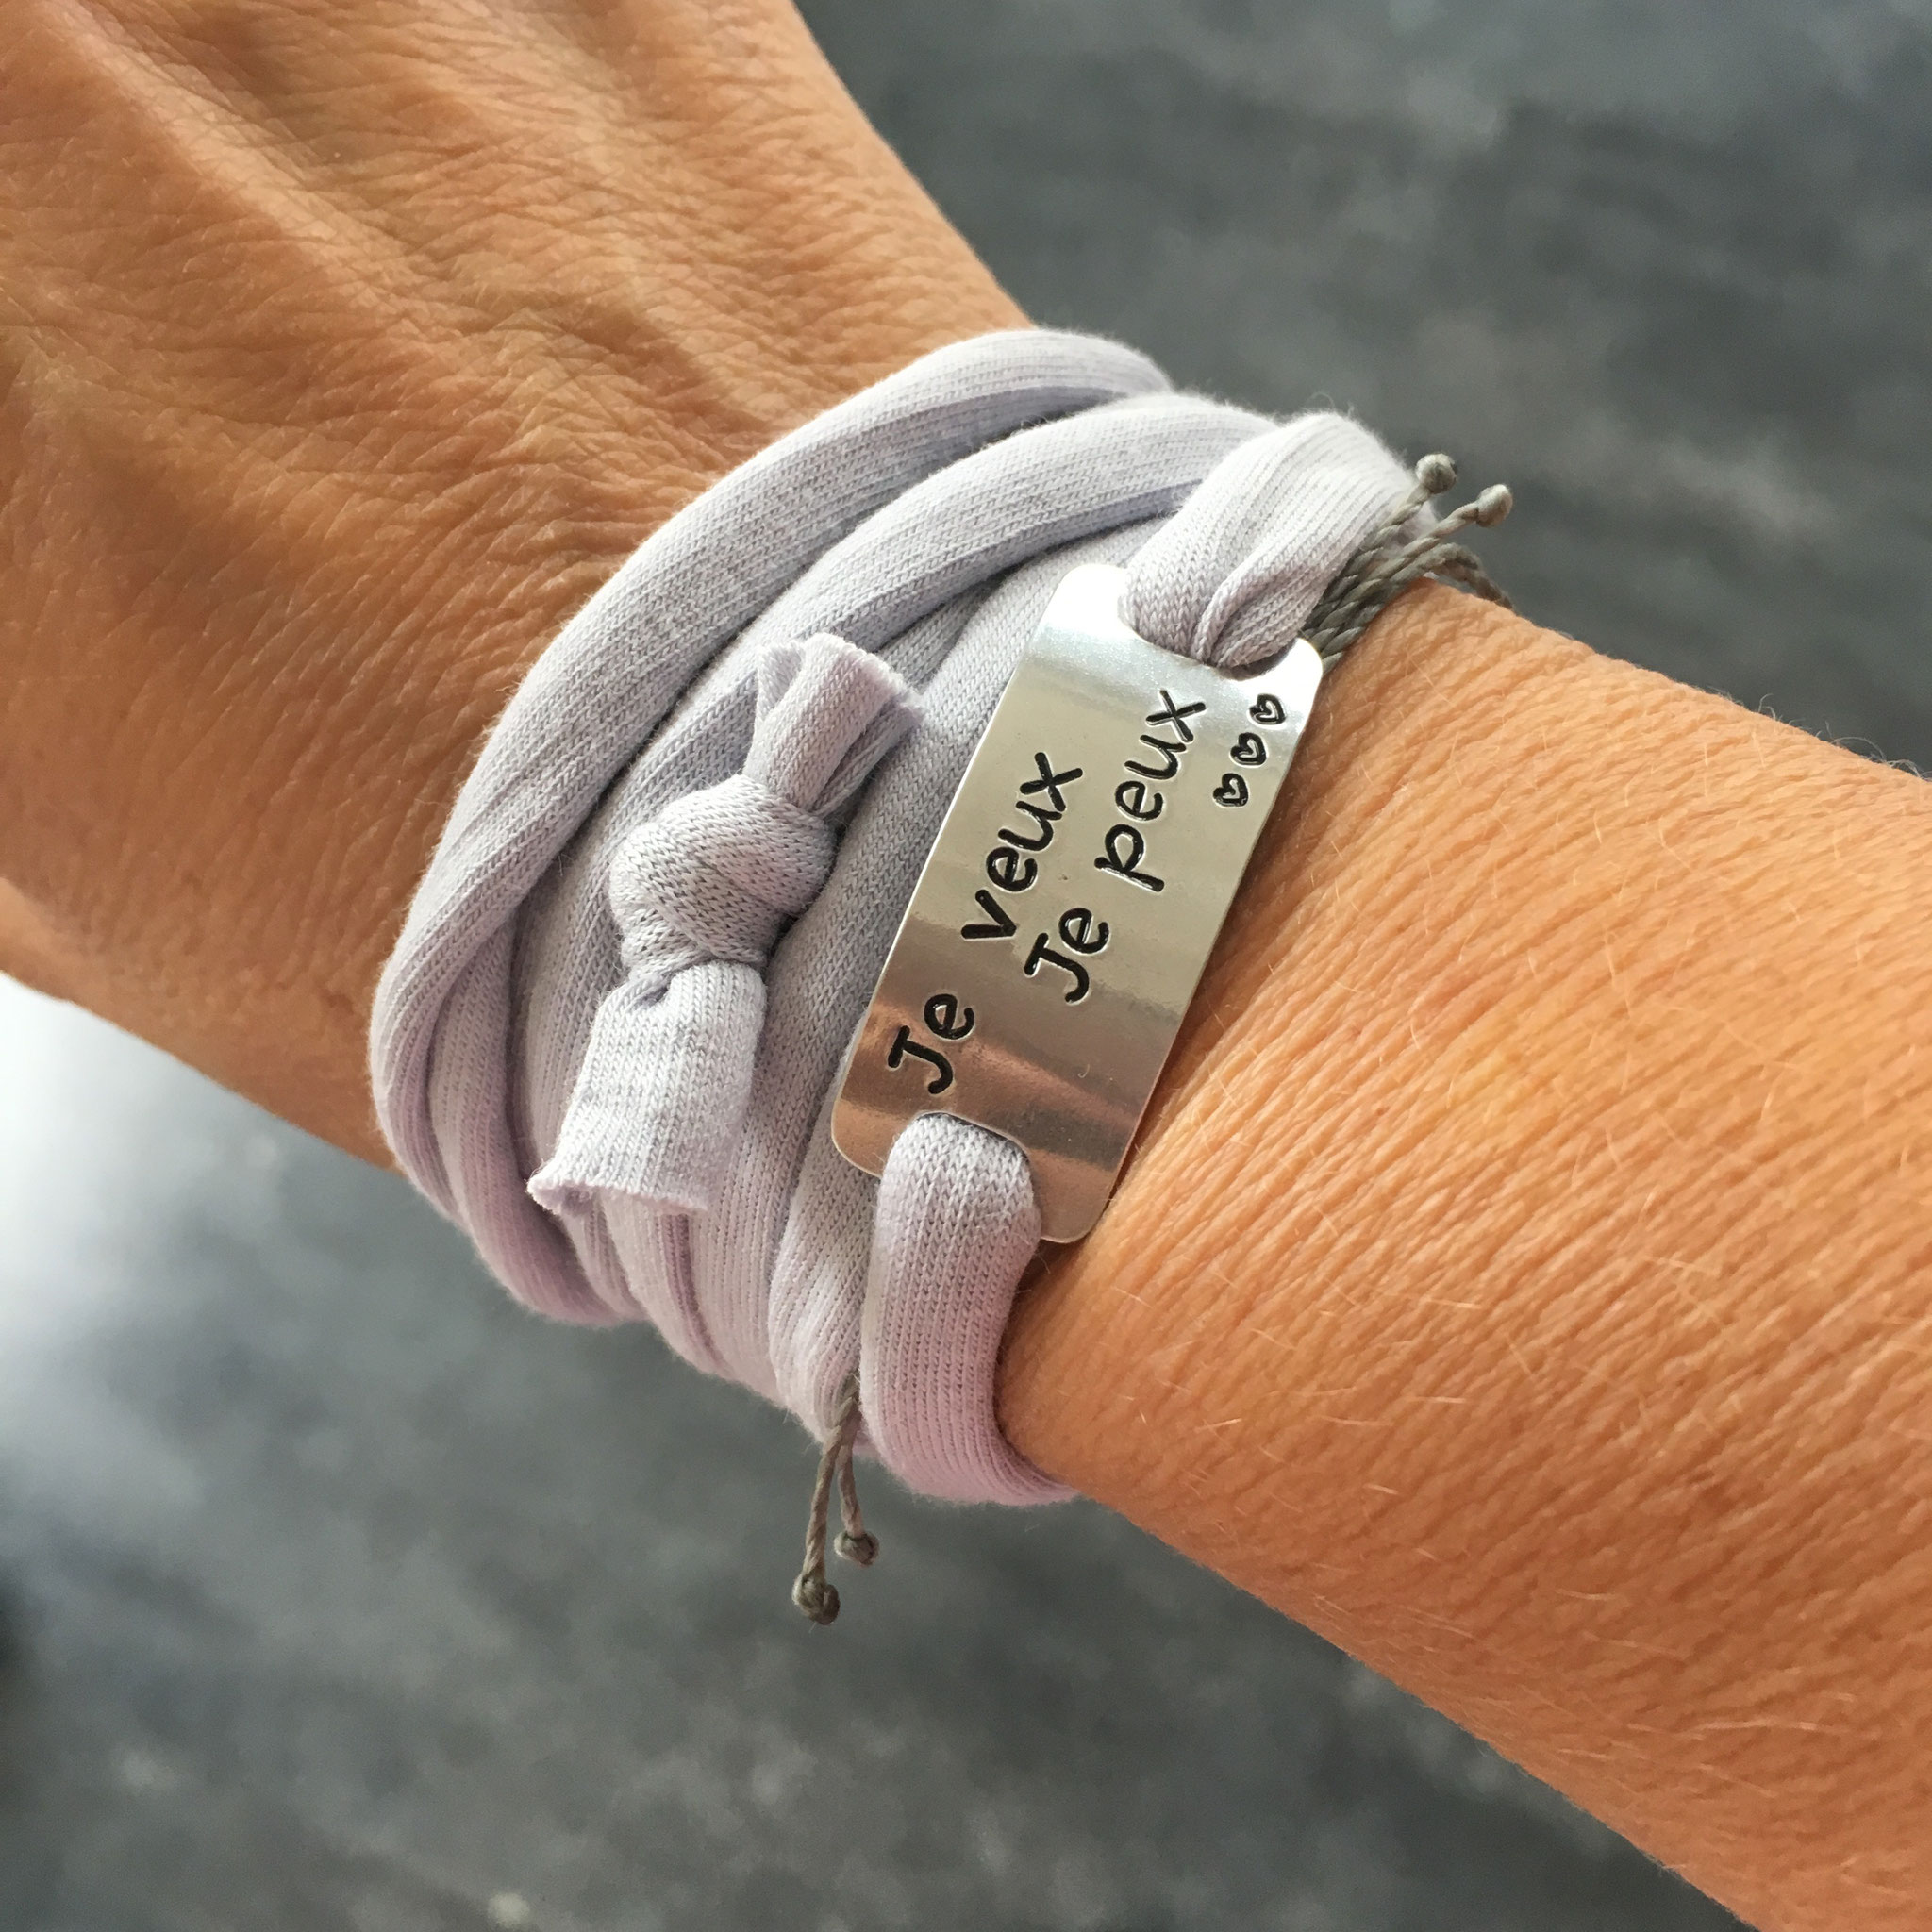 Bracelet bijoux sport plaque métal gravée poinçonnée motivation running marathon fait main made in France run je veux je peux